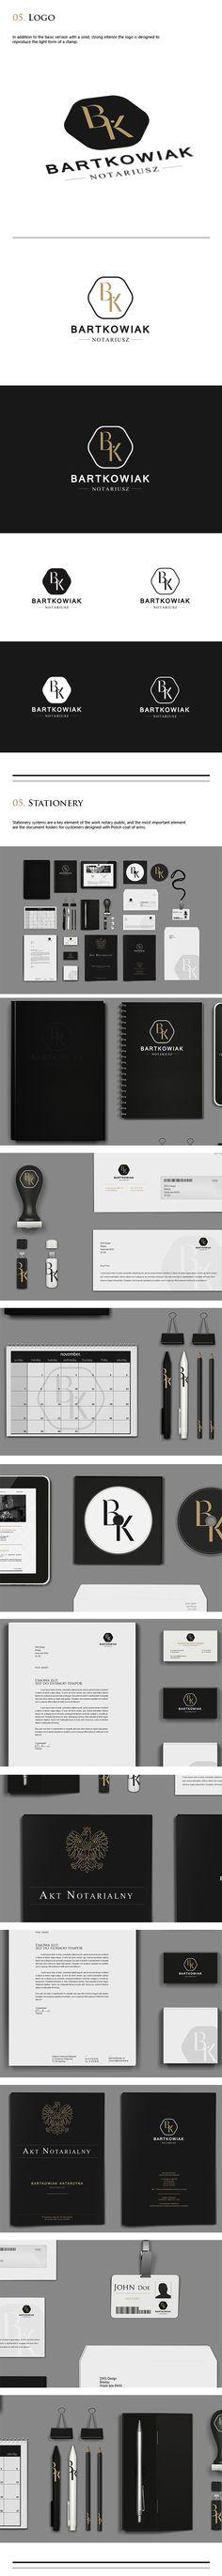 Notary K.Bartkowiak Logo and Brand Identity part 2 by Marcin Wisniewski via behance